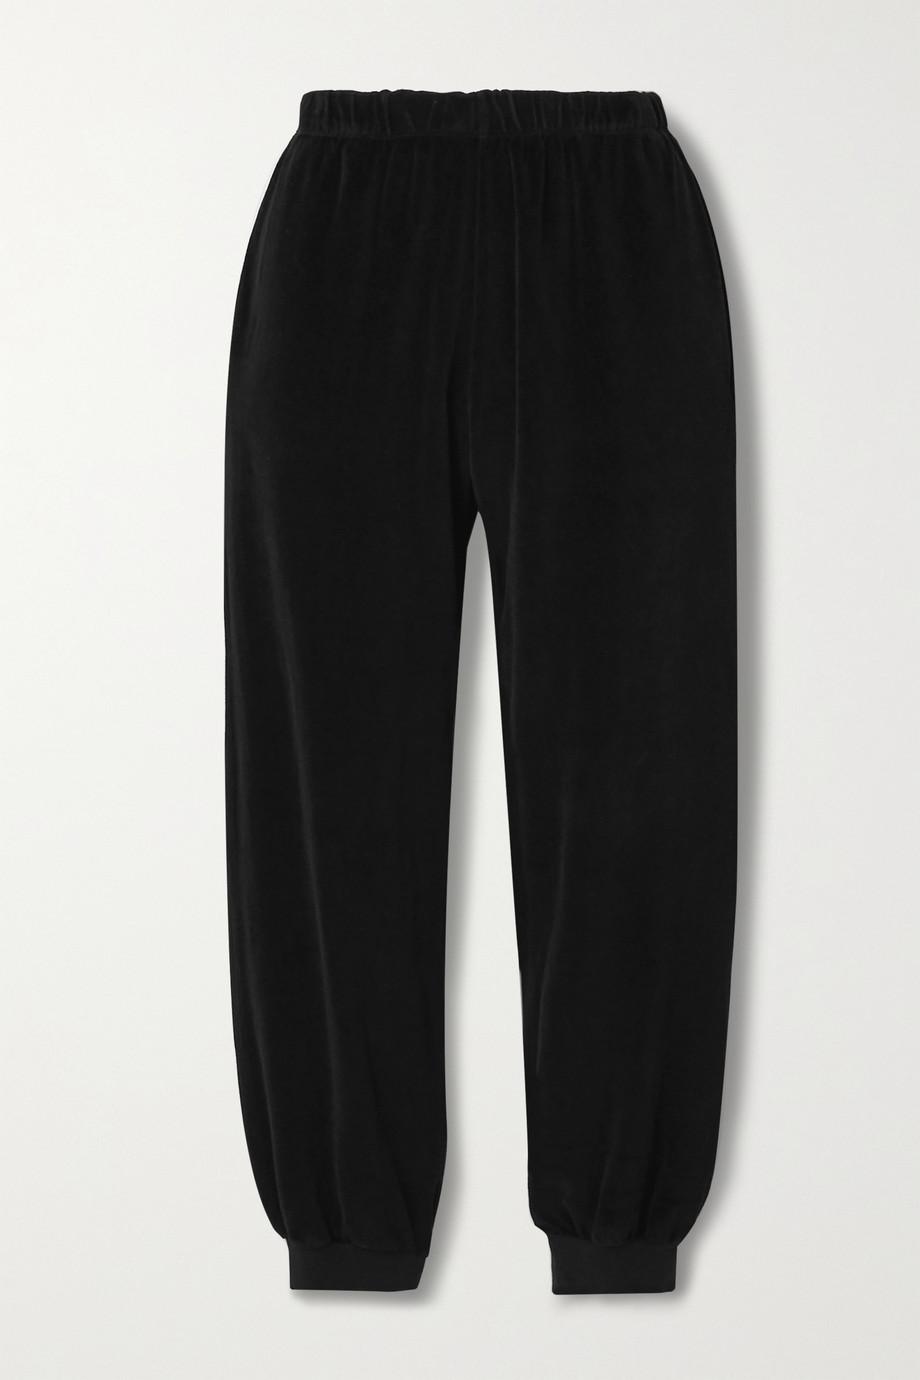 Suzie Kondi Pantalon de survêtement en velours de coton mélangé